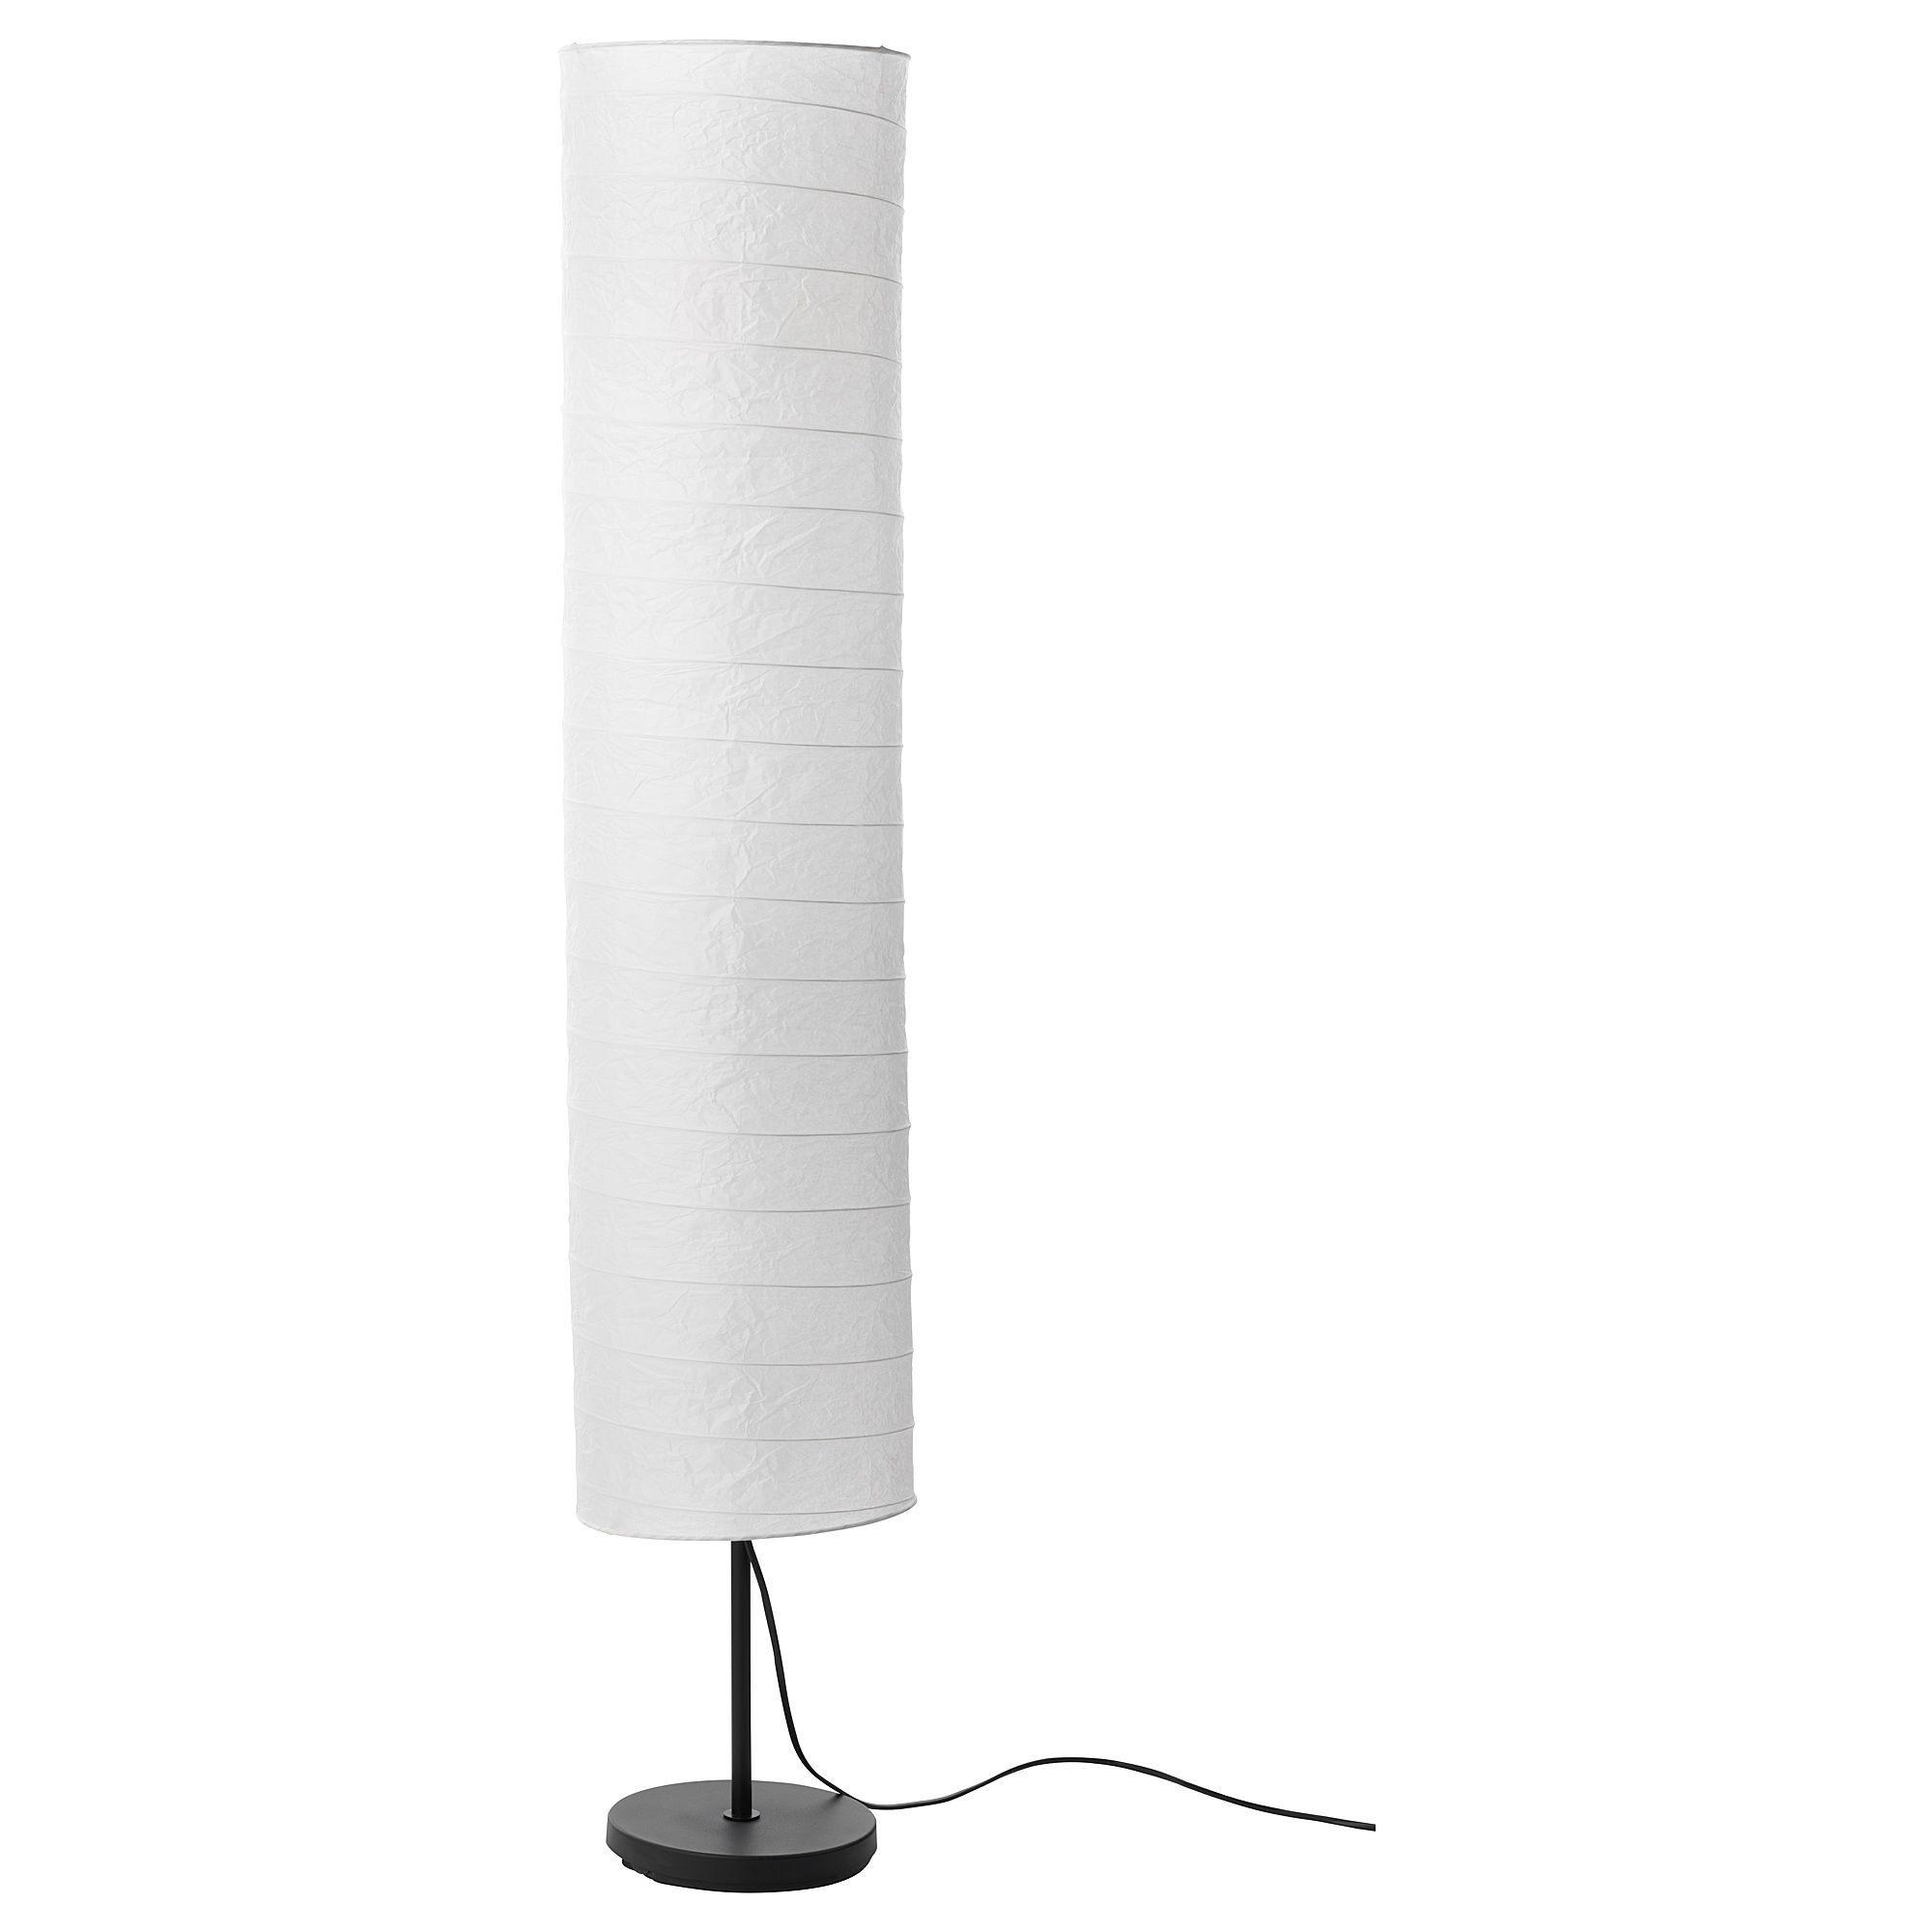 Lit Rond Ikea Frais 7 Best Floor Lamps for 2019